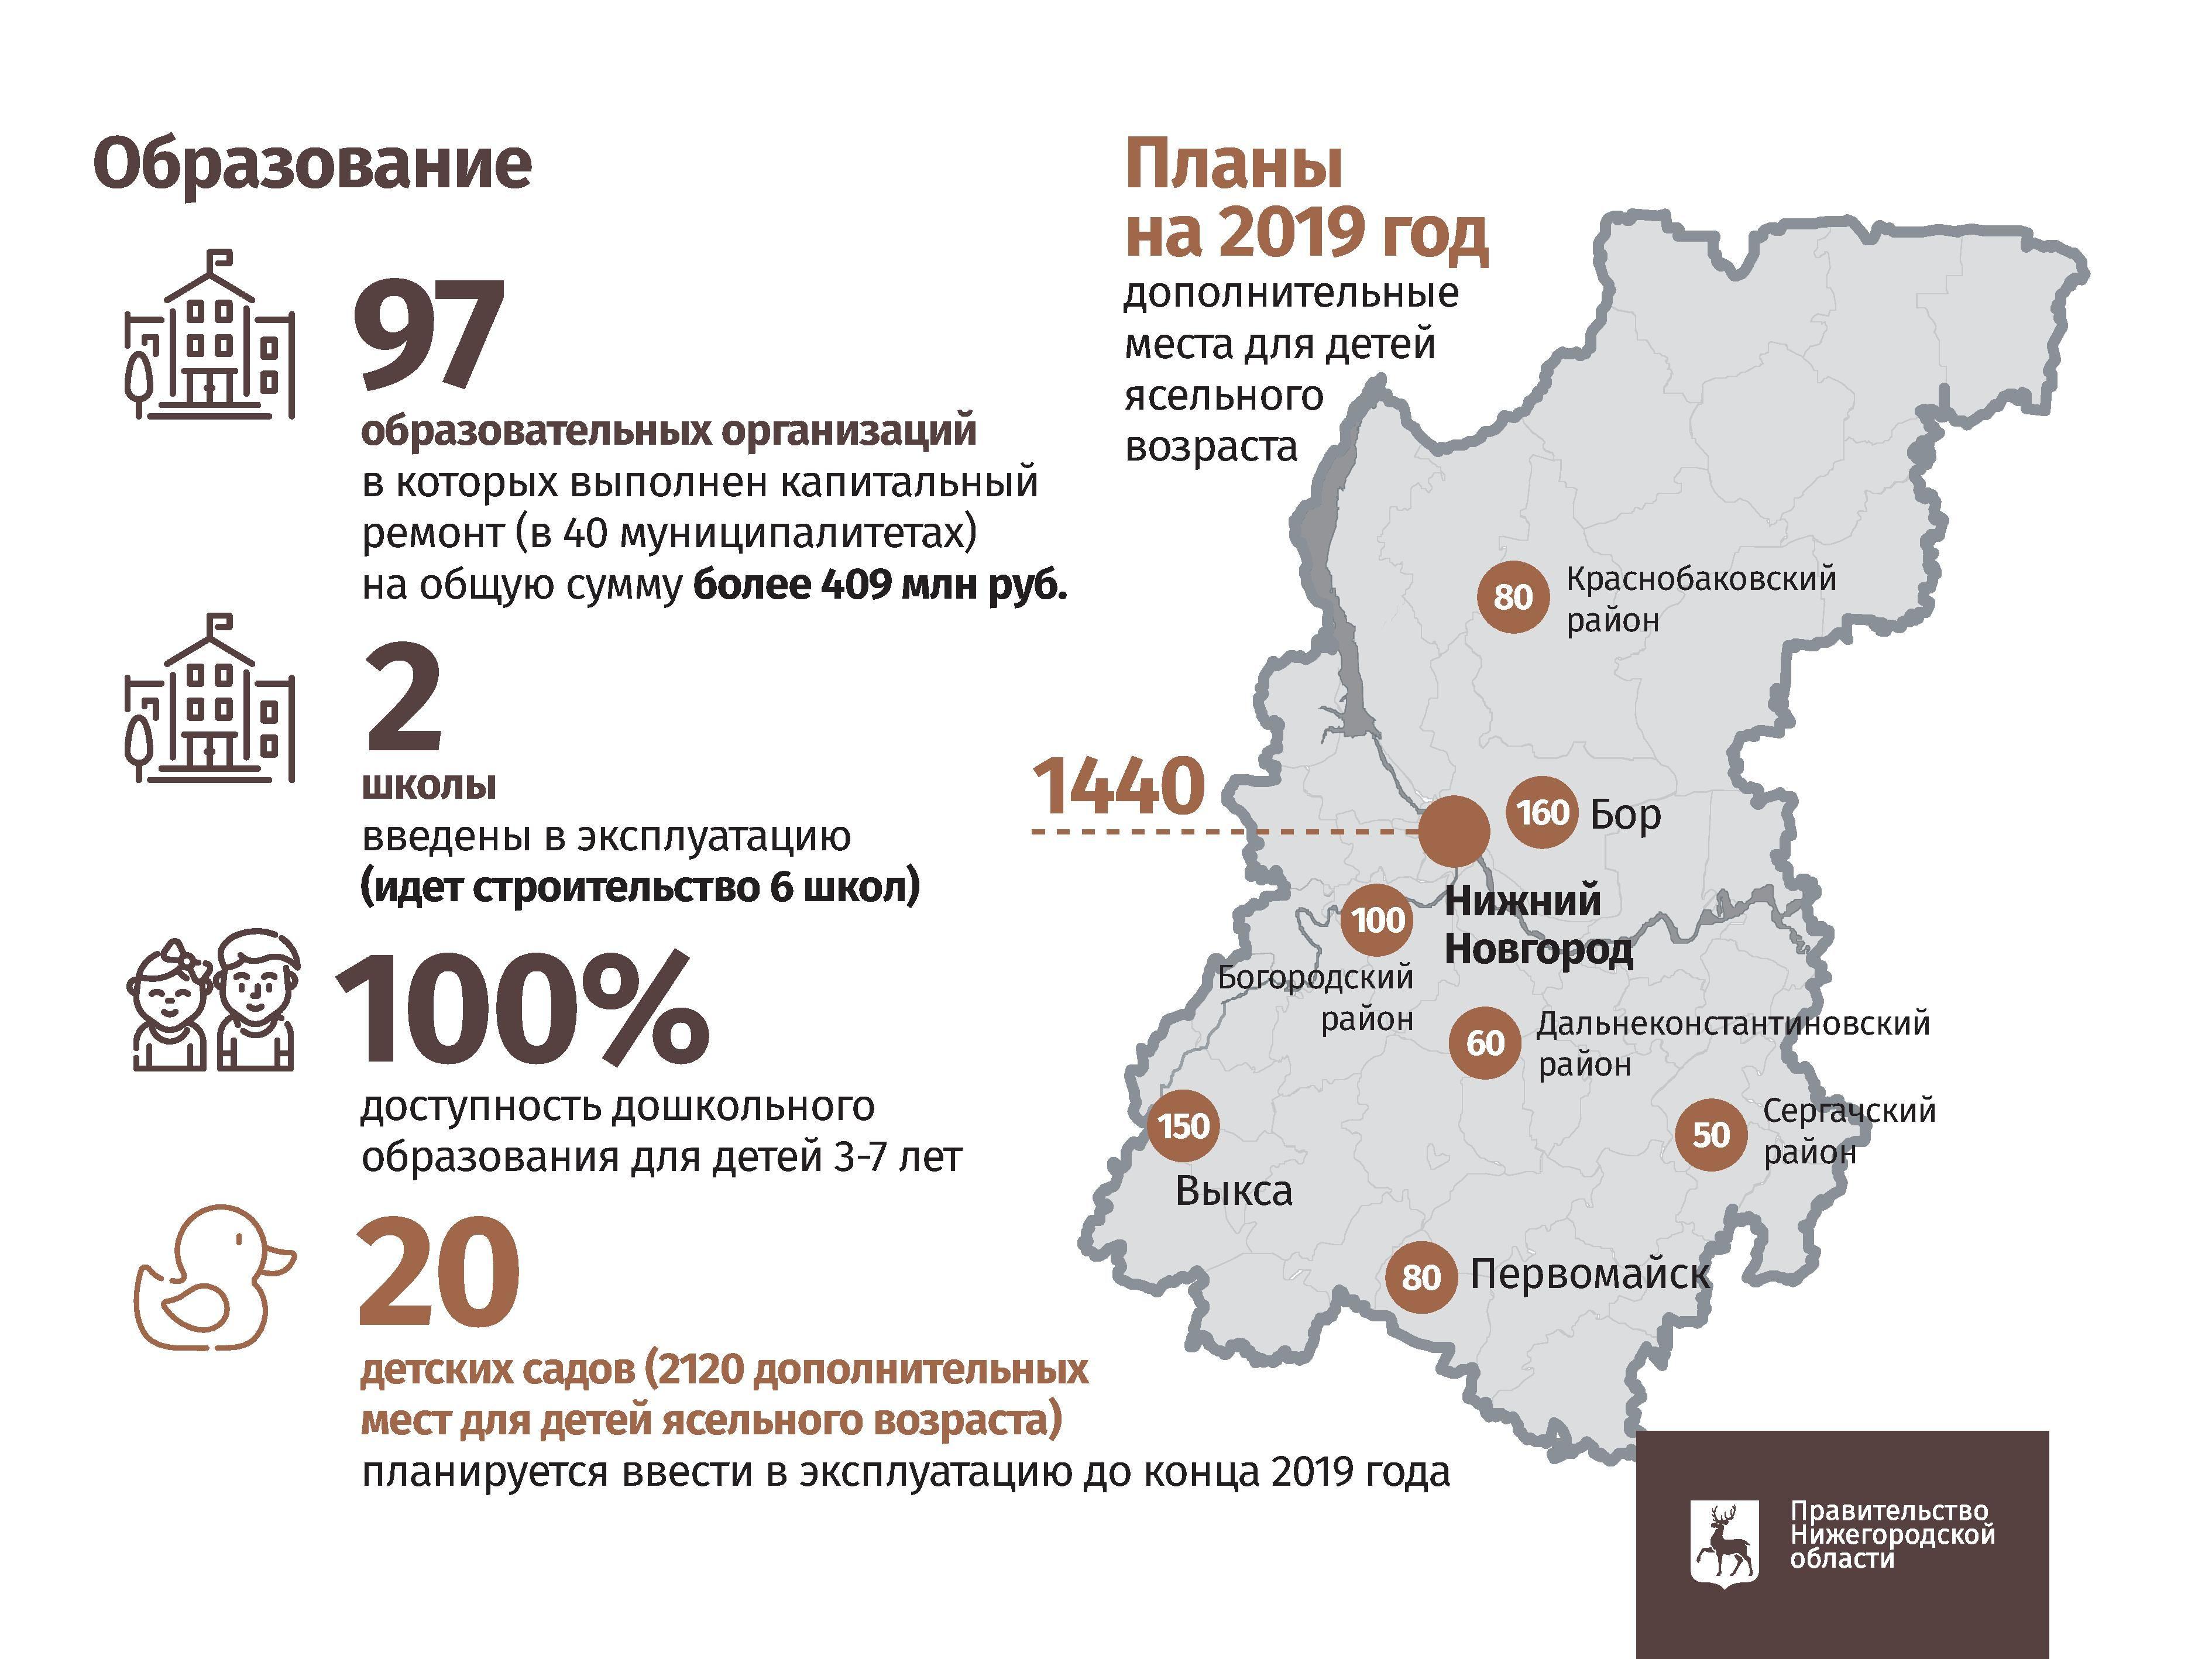 Современный образовательный центр планируют построить в Нижнем Новгороде к 800-летию